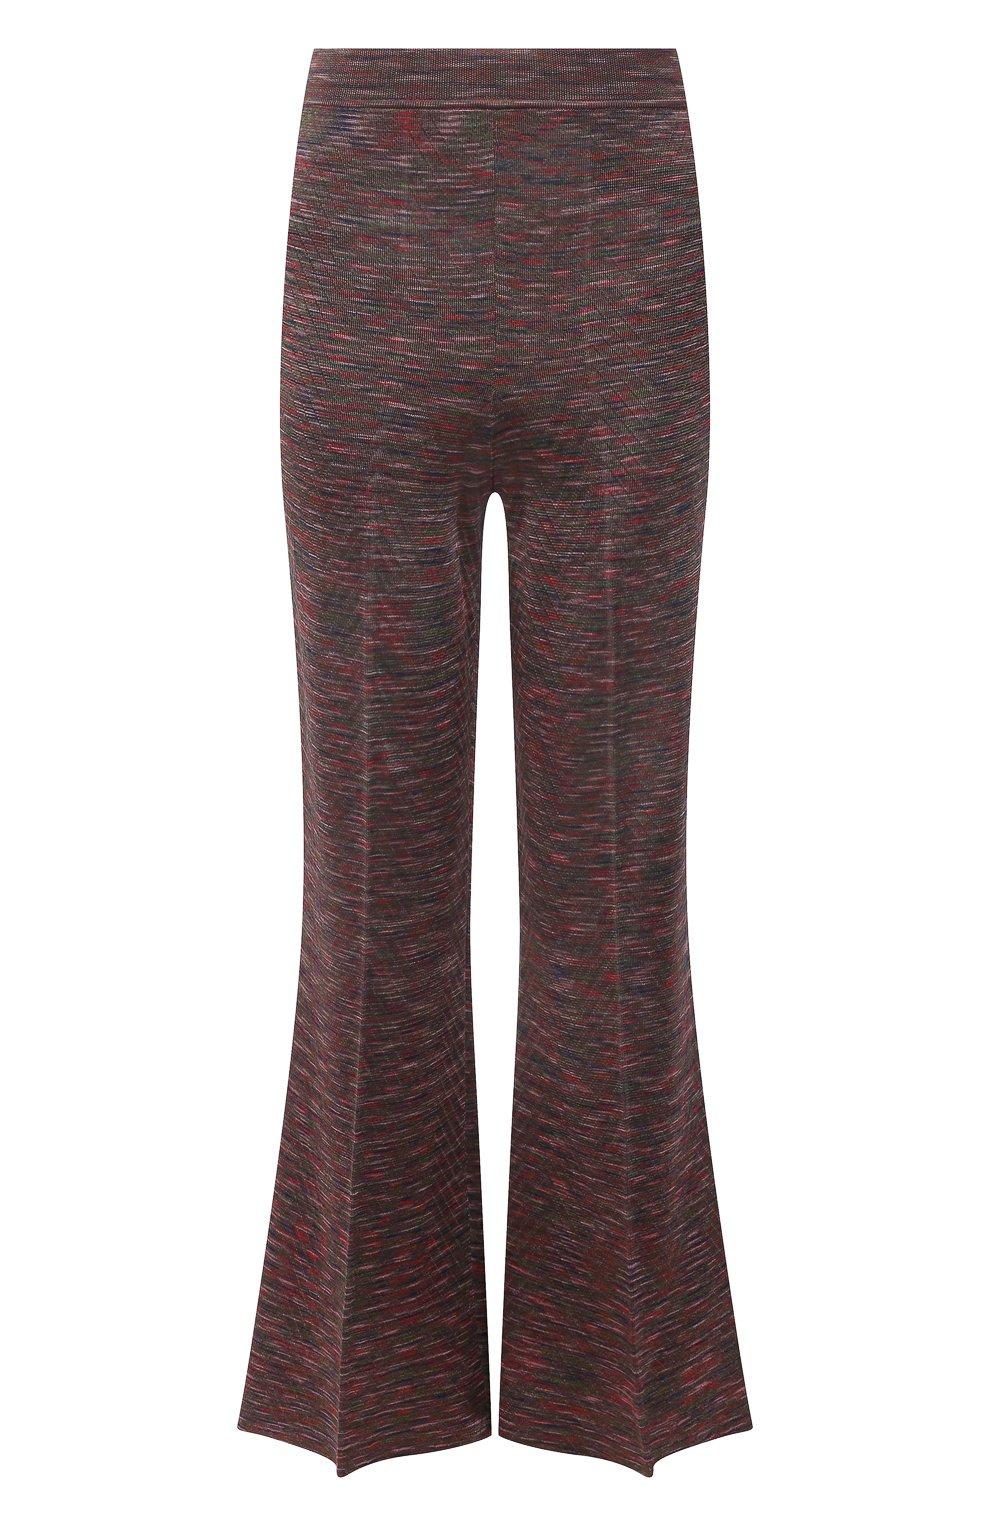 Женские брюки из вискозы и хлопка M MISSONI разноцветного цвета, арт. 2DI00271/2K008B | Фото 1 (Длина (брюки, джинсы): Стандартные; Женское Кросс-КТ: Брюки-одежда; Кросс-КТ: Трикотаж; Силуэт Ж (брюки и джинсы): Расклешенные; Материал внешний: Хлопок, Вискоза; Стили: Бохо)